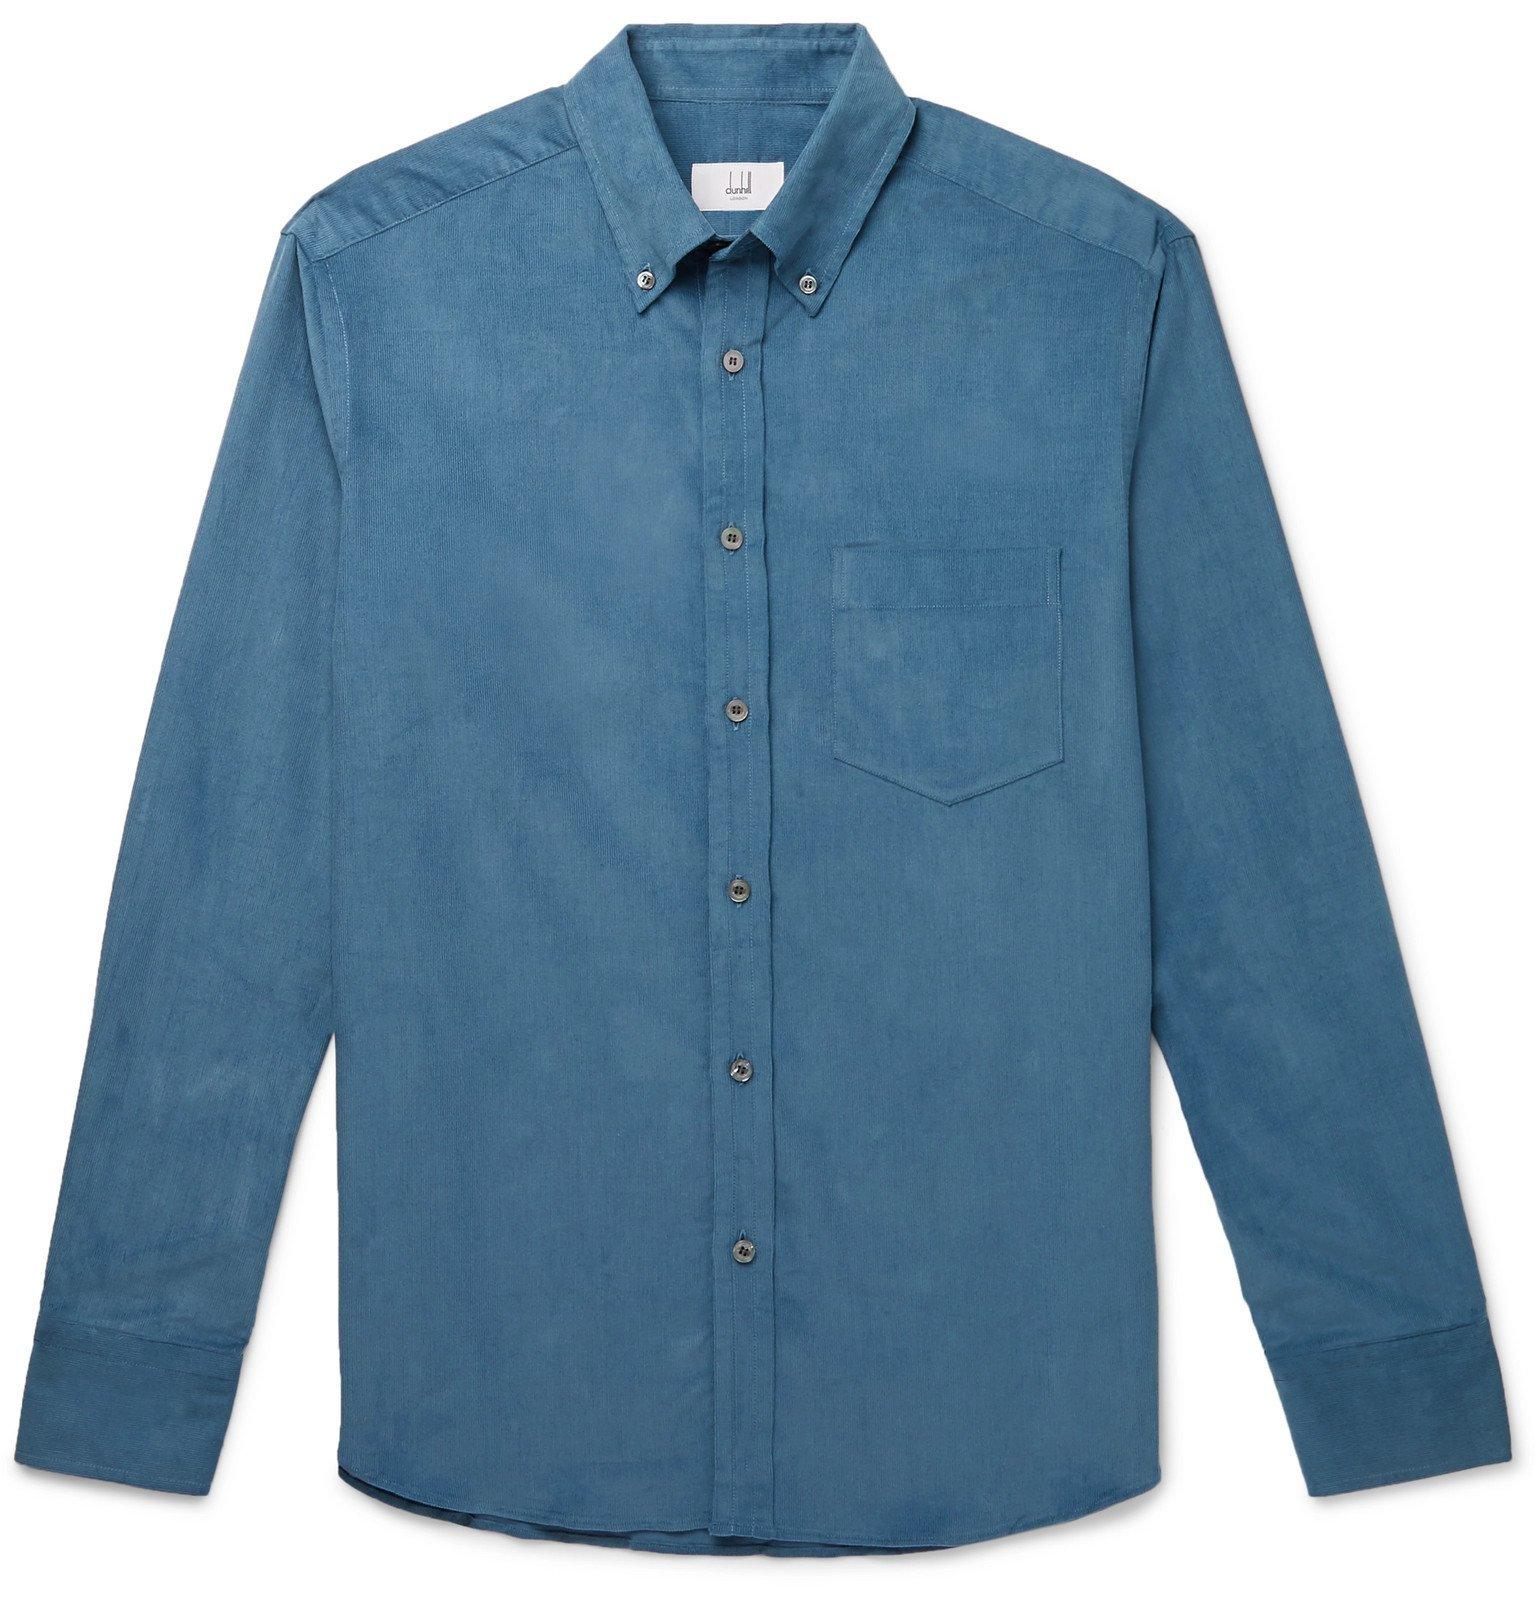 Dunhill - Button-Down Collar Cotton-Corduroy Shirt - Blue